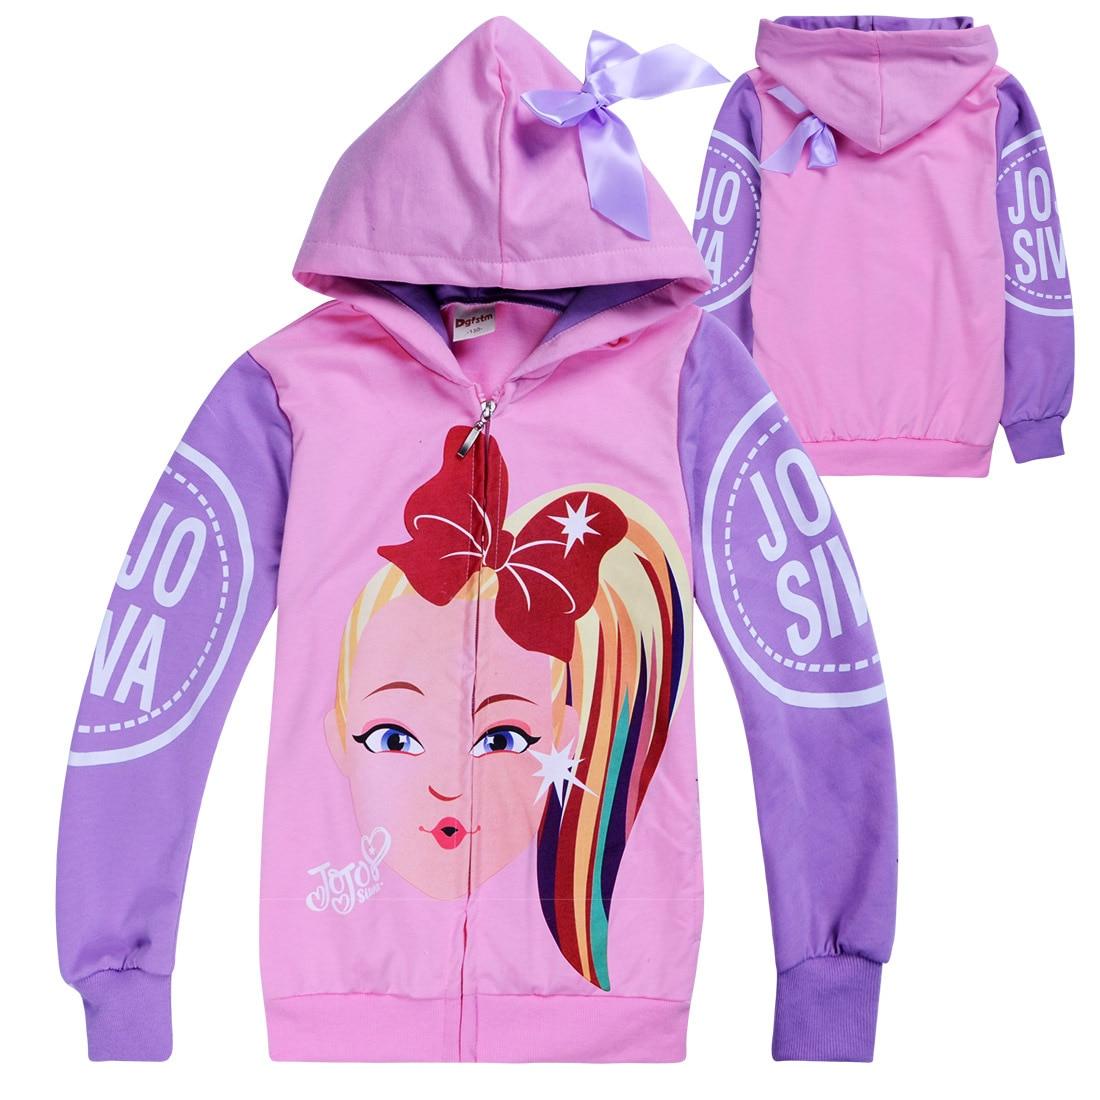 Лидер продаж; толстовки с длинными рукавами для девочек; толстовки JOJO Siwa; куртка; топы; футболка; маскарадный костюм для девочек; подарок на